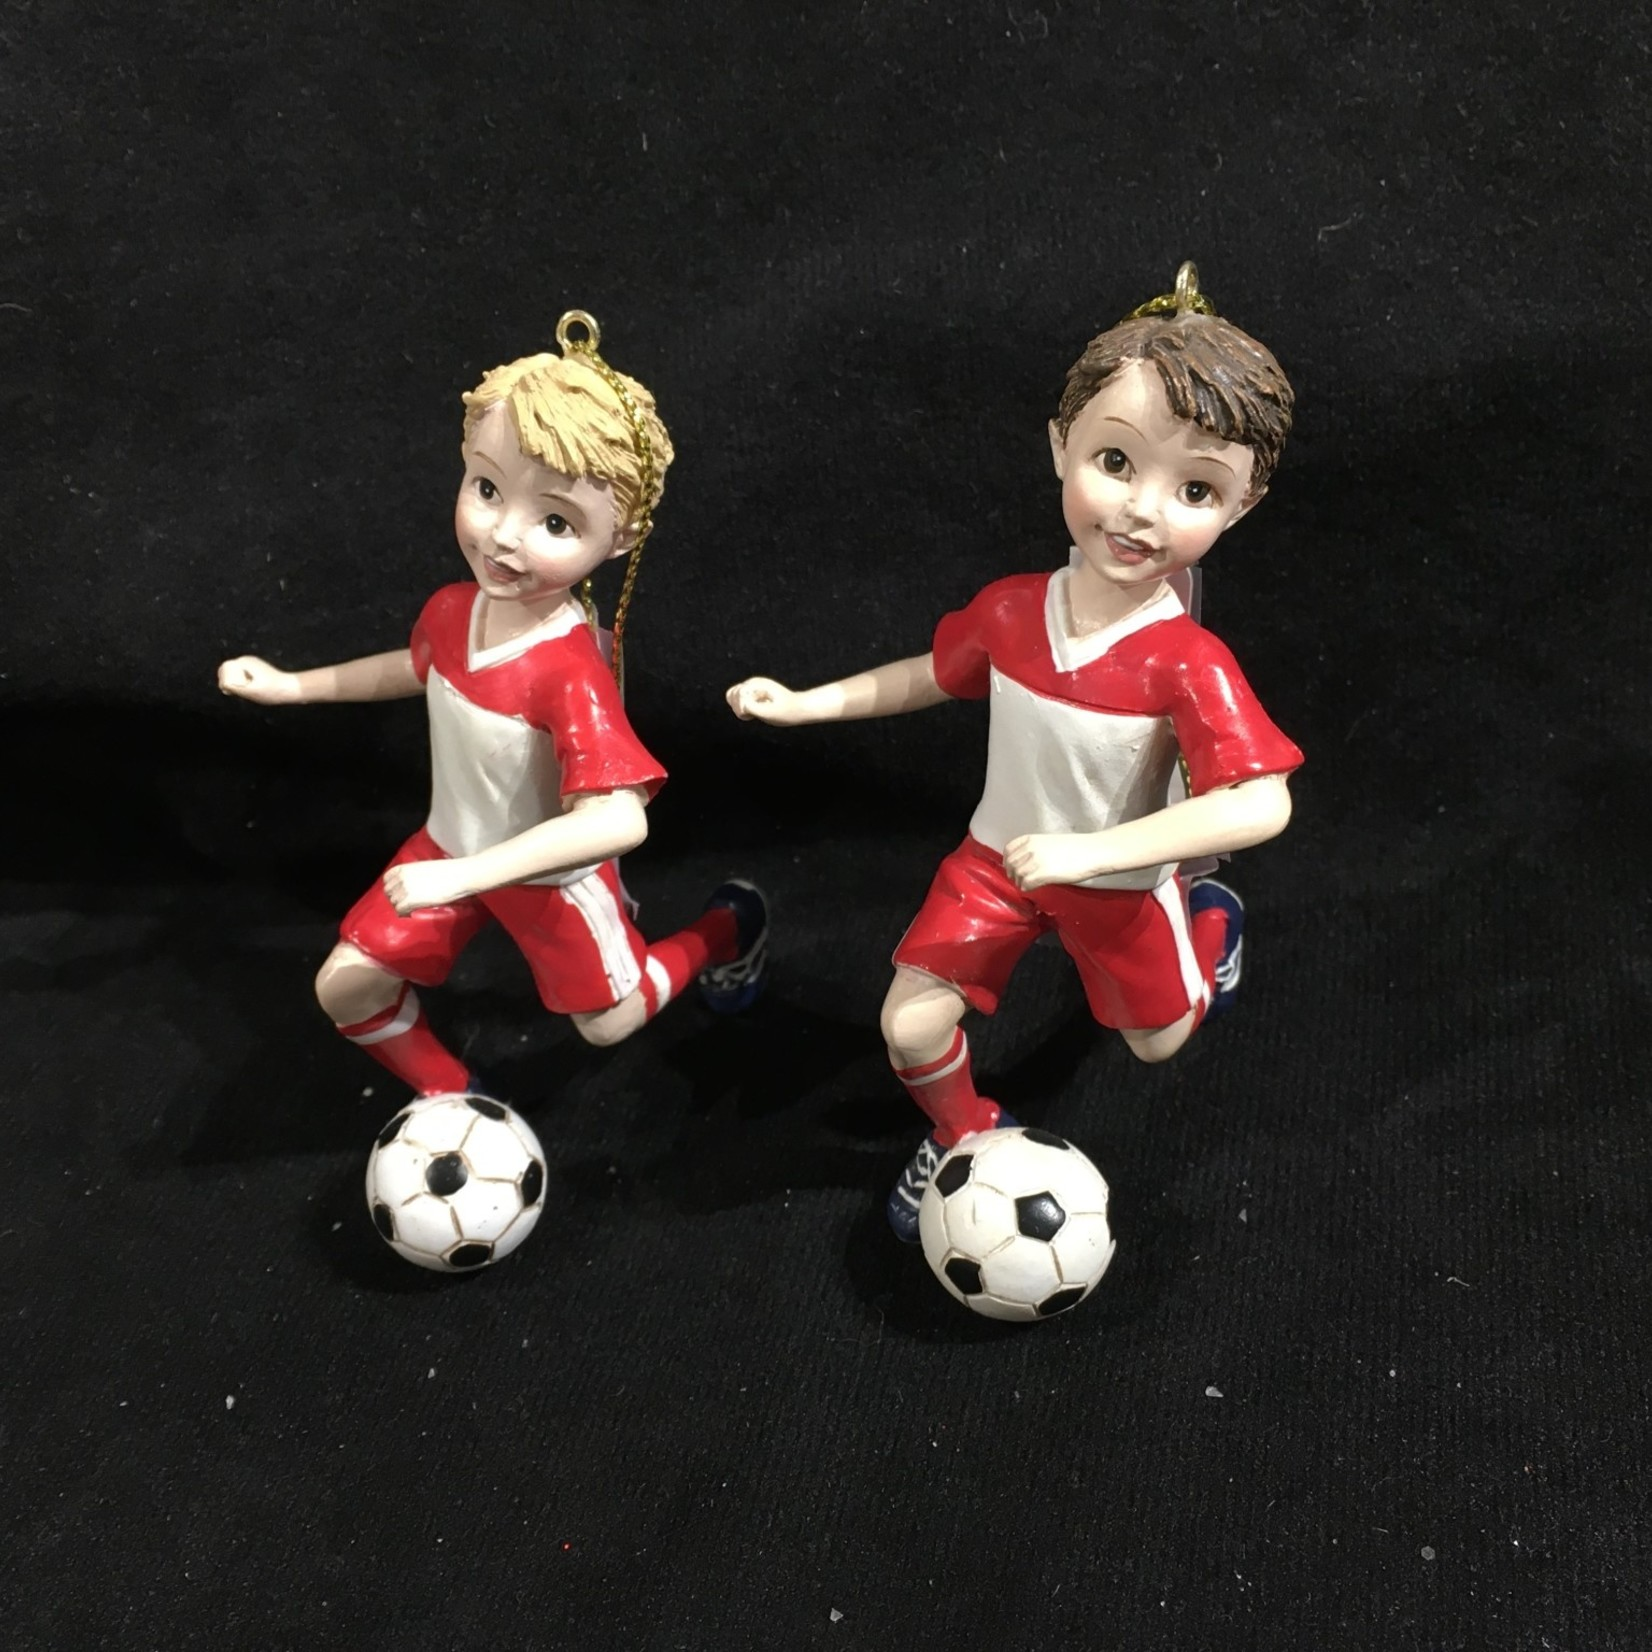 Soccer Boy Orn 2A